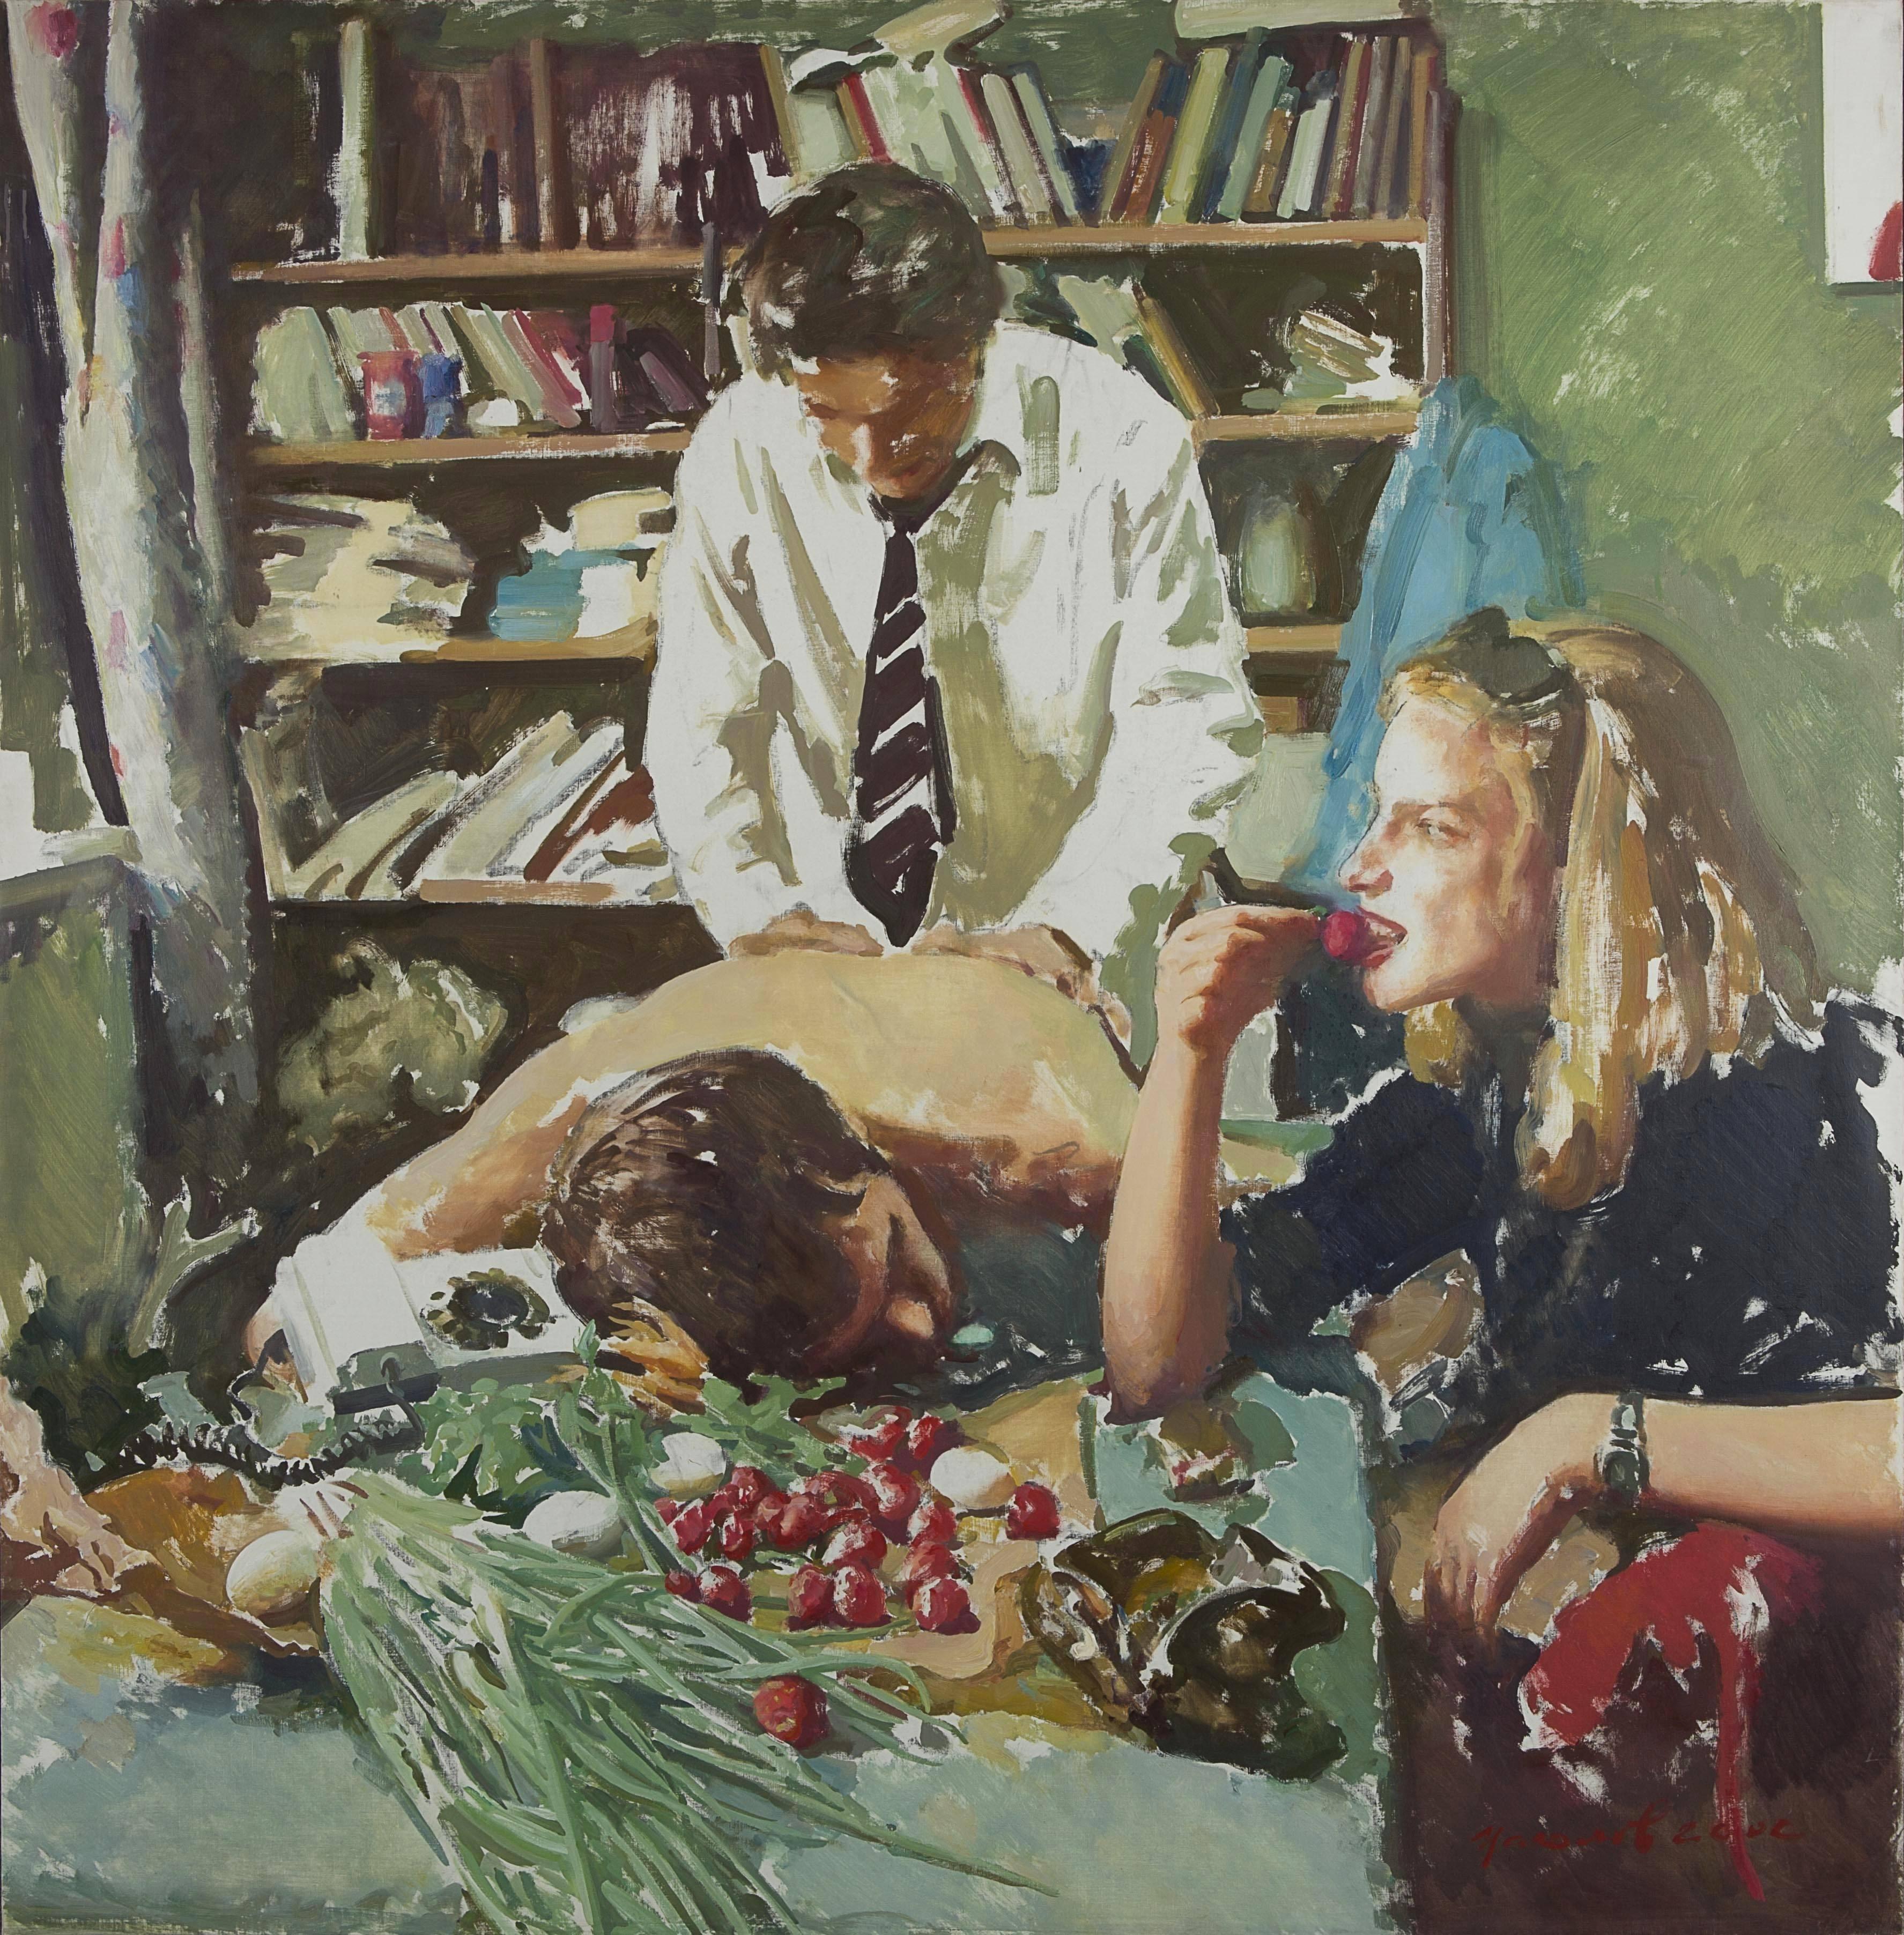 Tsagolov Vasiliy_Love Triangle_150x160 cm_oil on canvas_2005